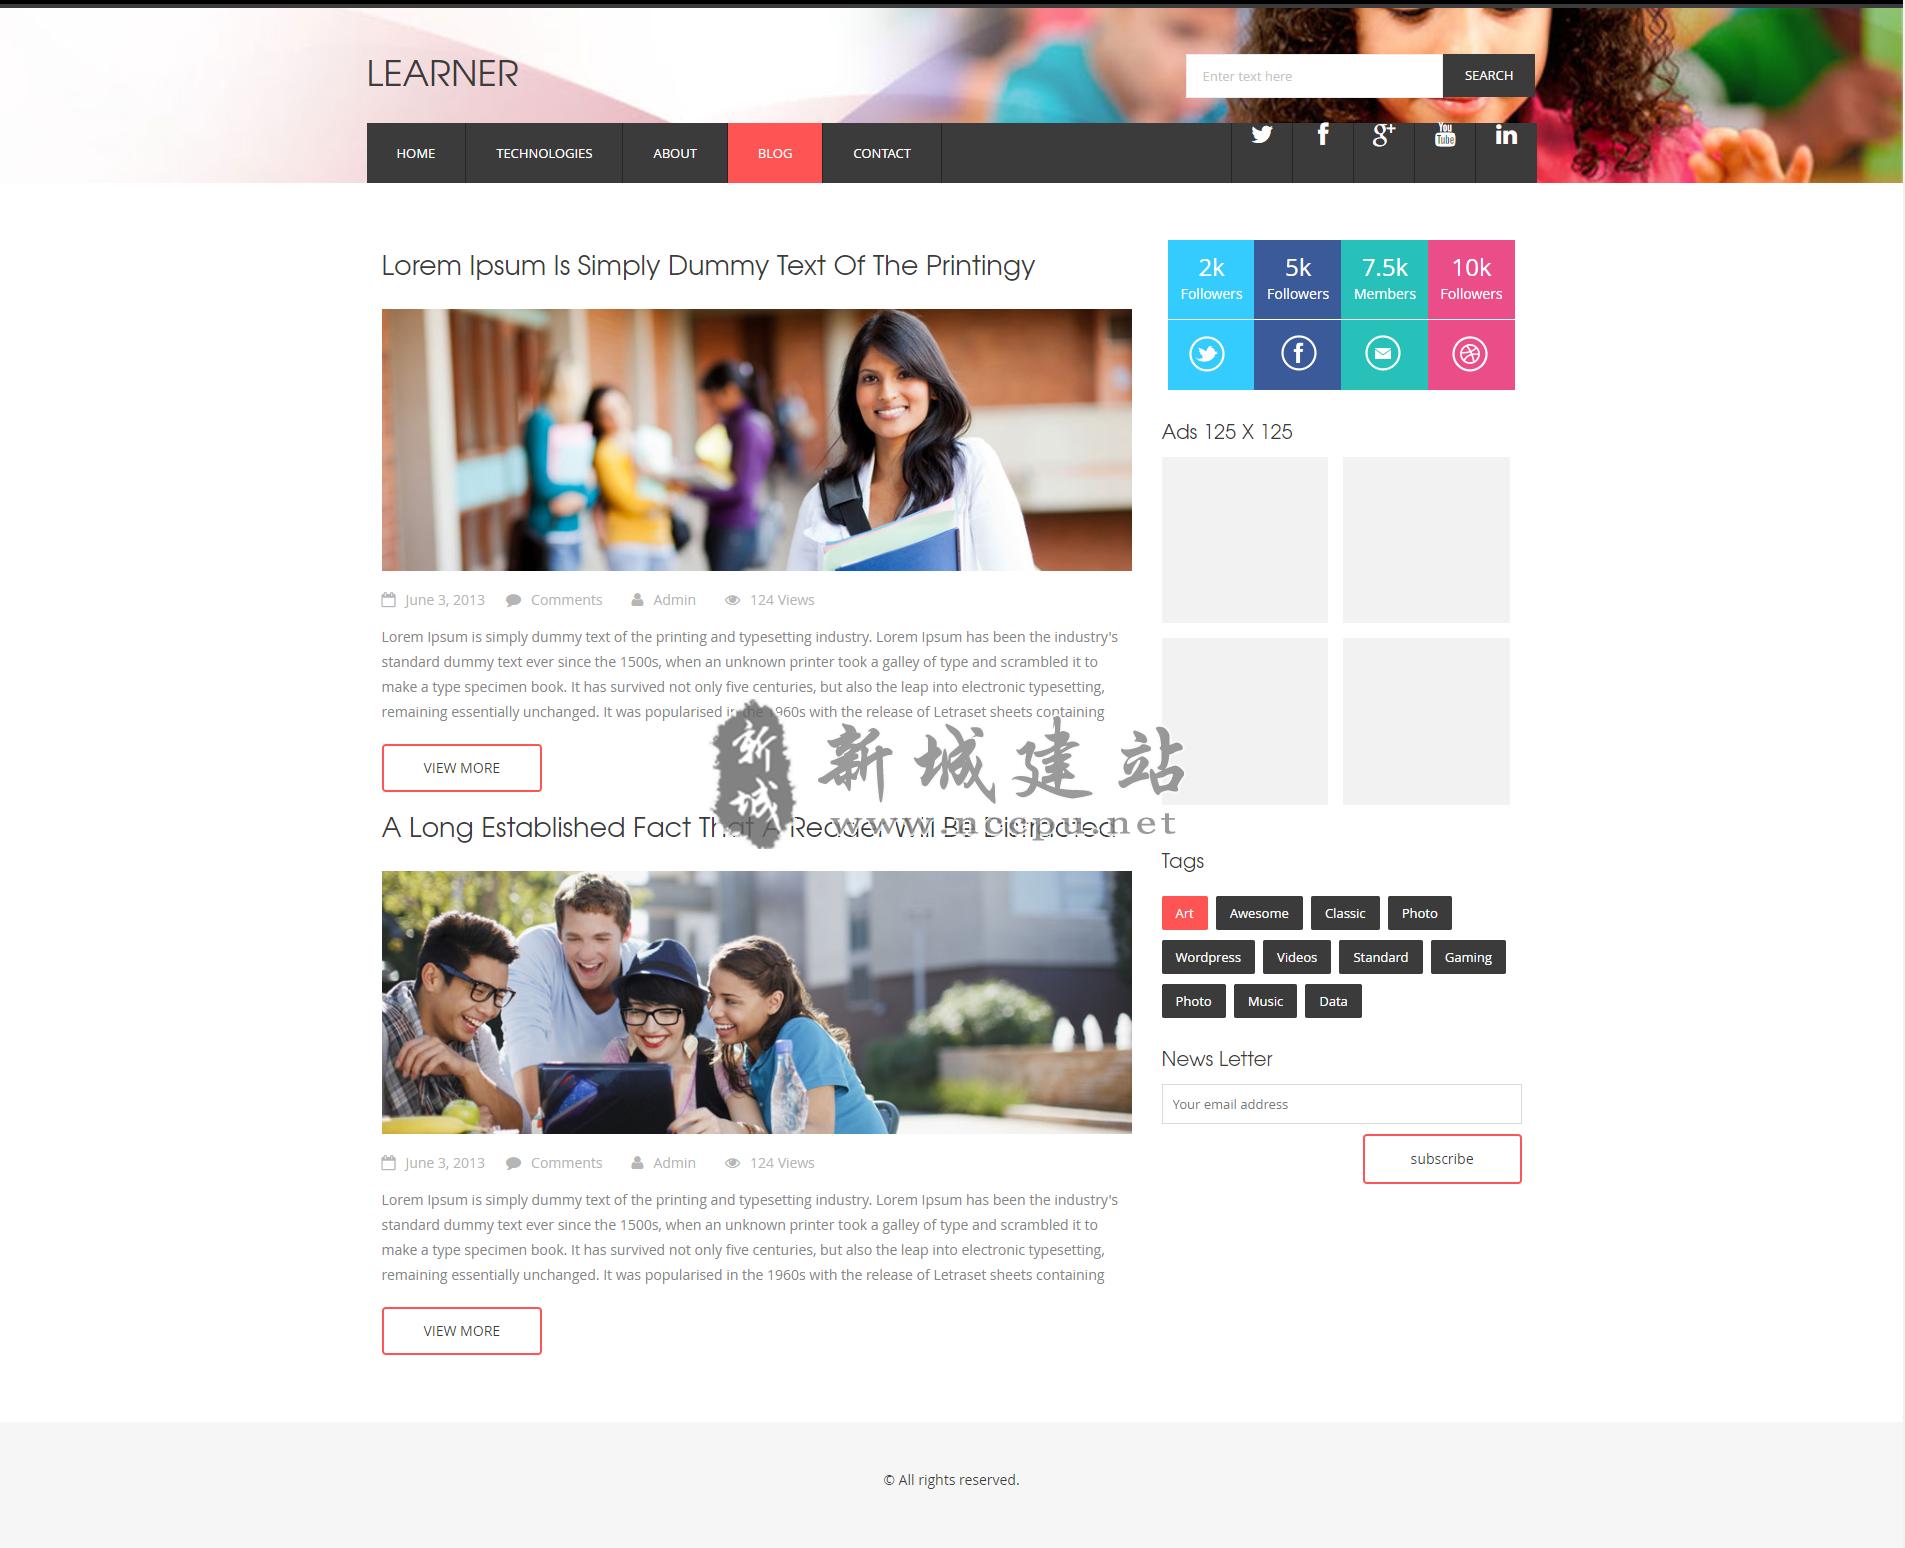 石家庄响应式教育英语培训公司网站案例内页2